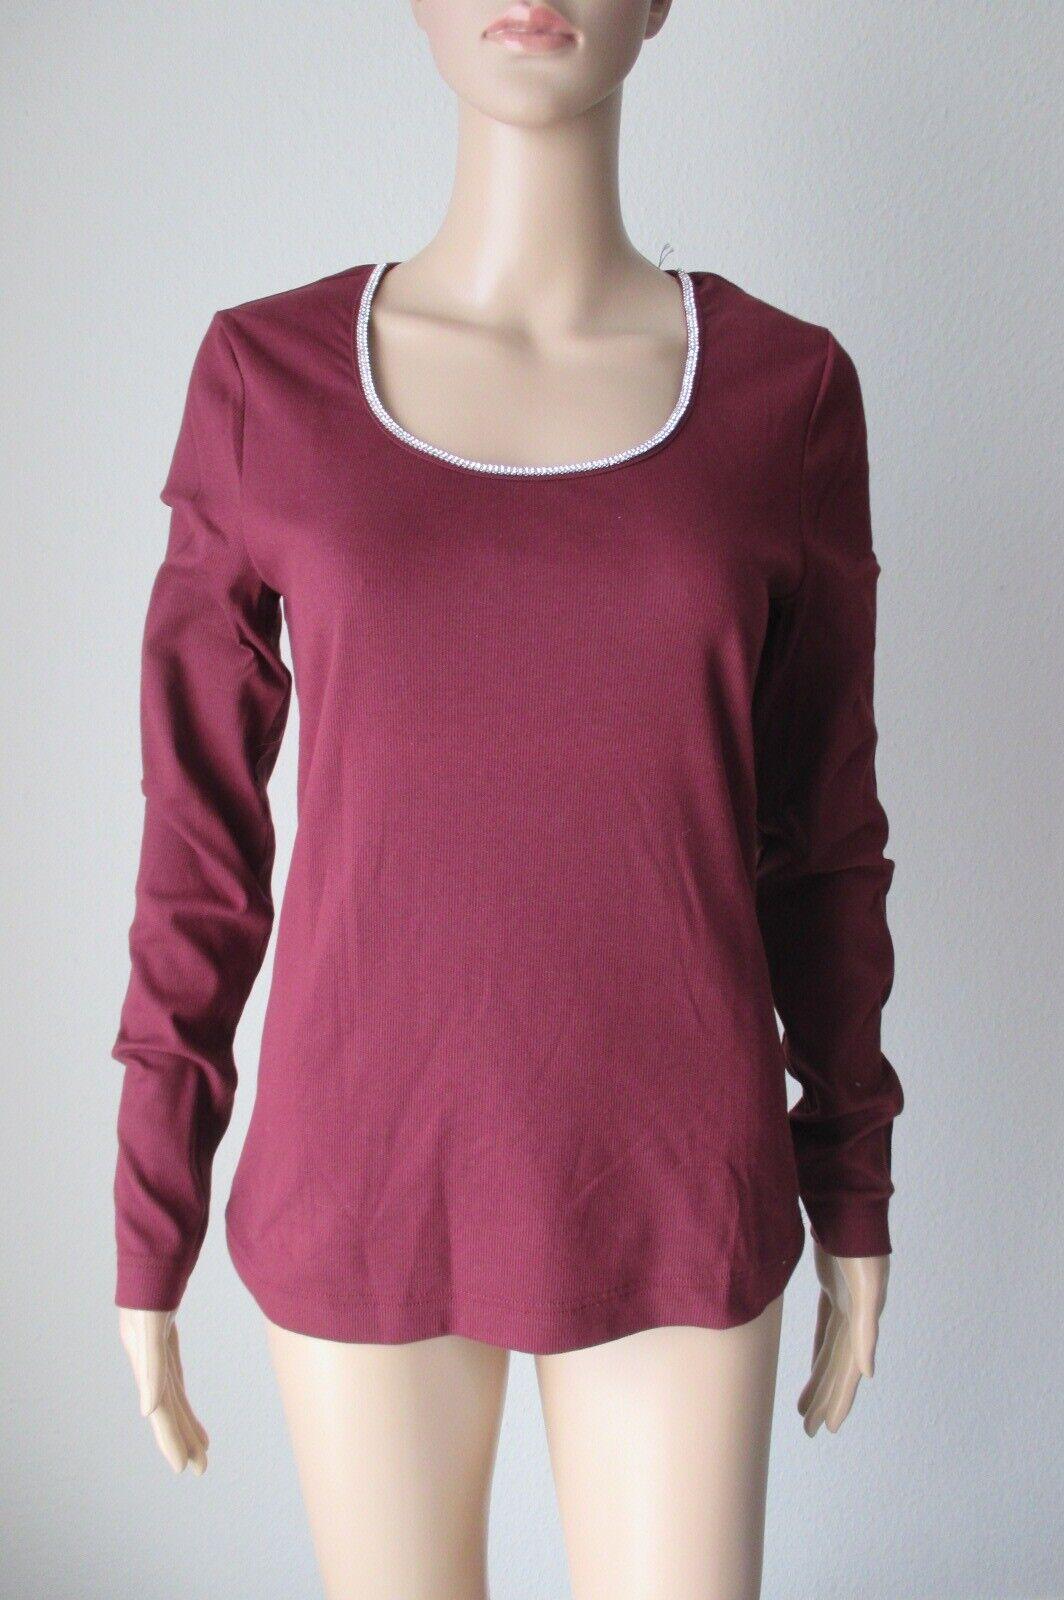 Efix langarm Shirt mi Swarovski Steinen am Ausschnitt, Farbe bordeaux, Größe 44